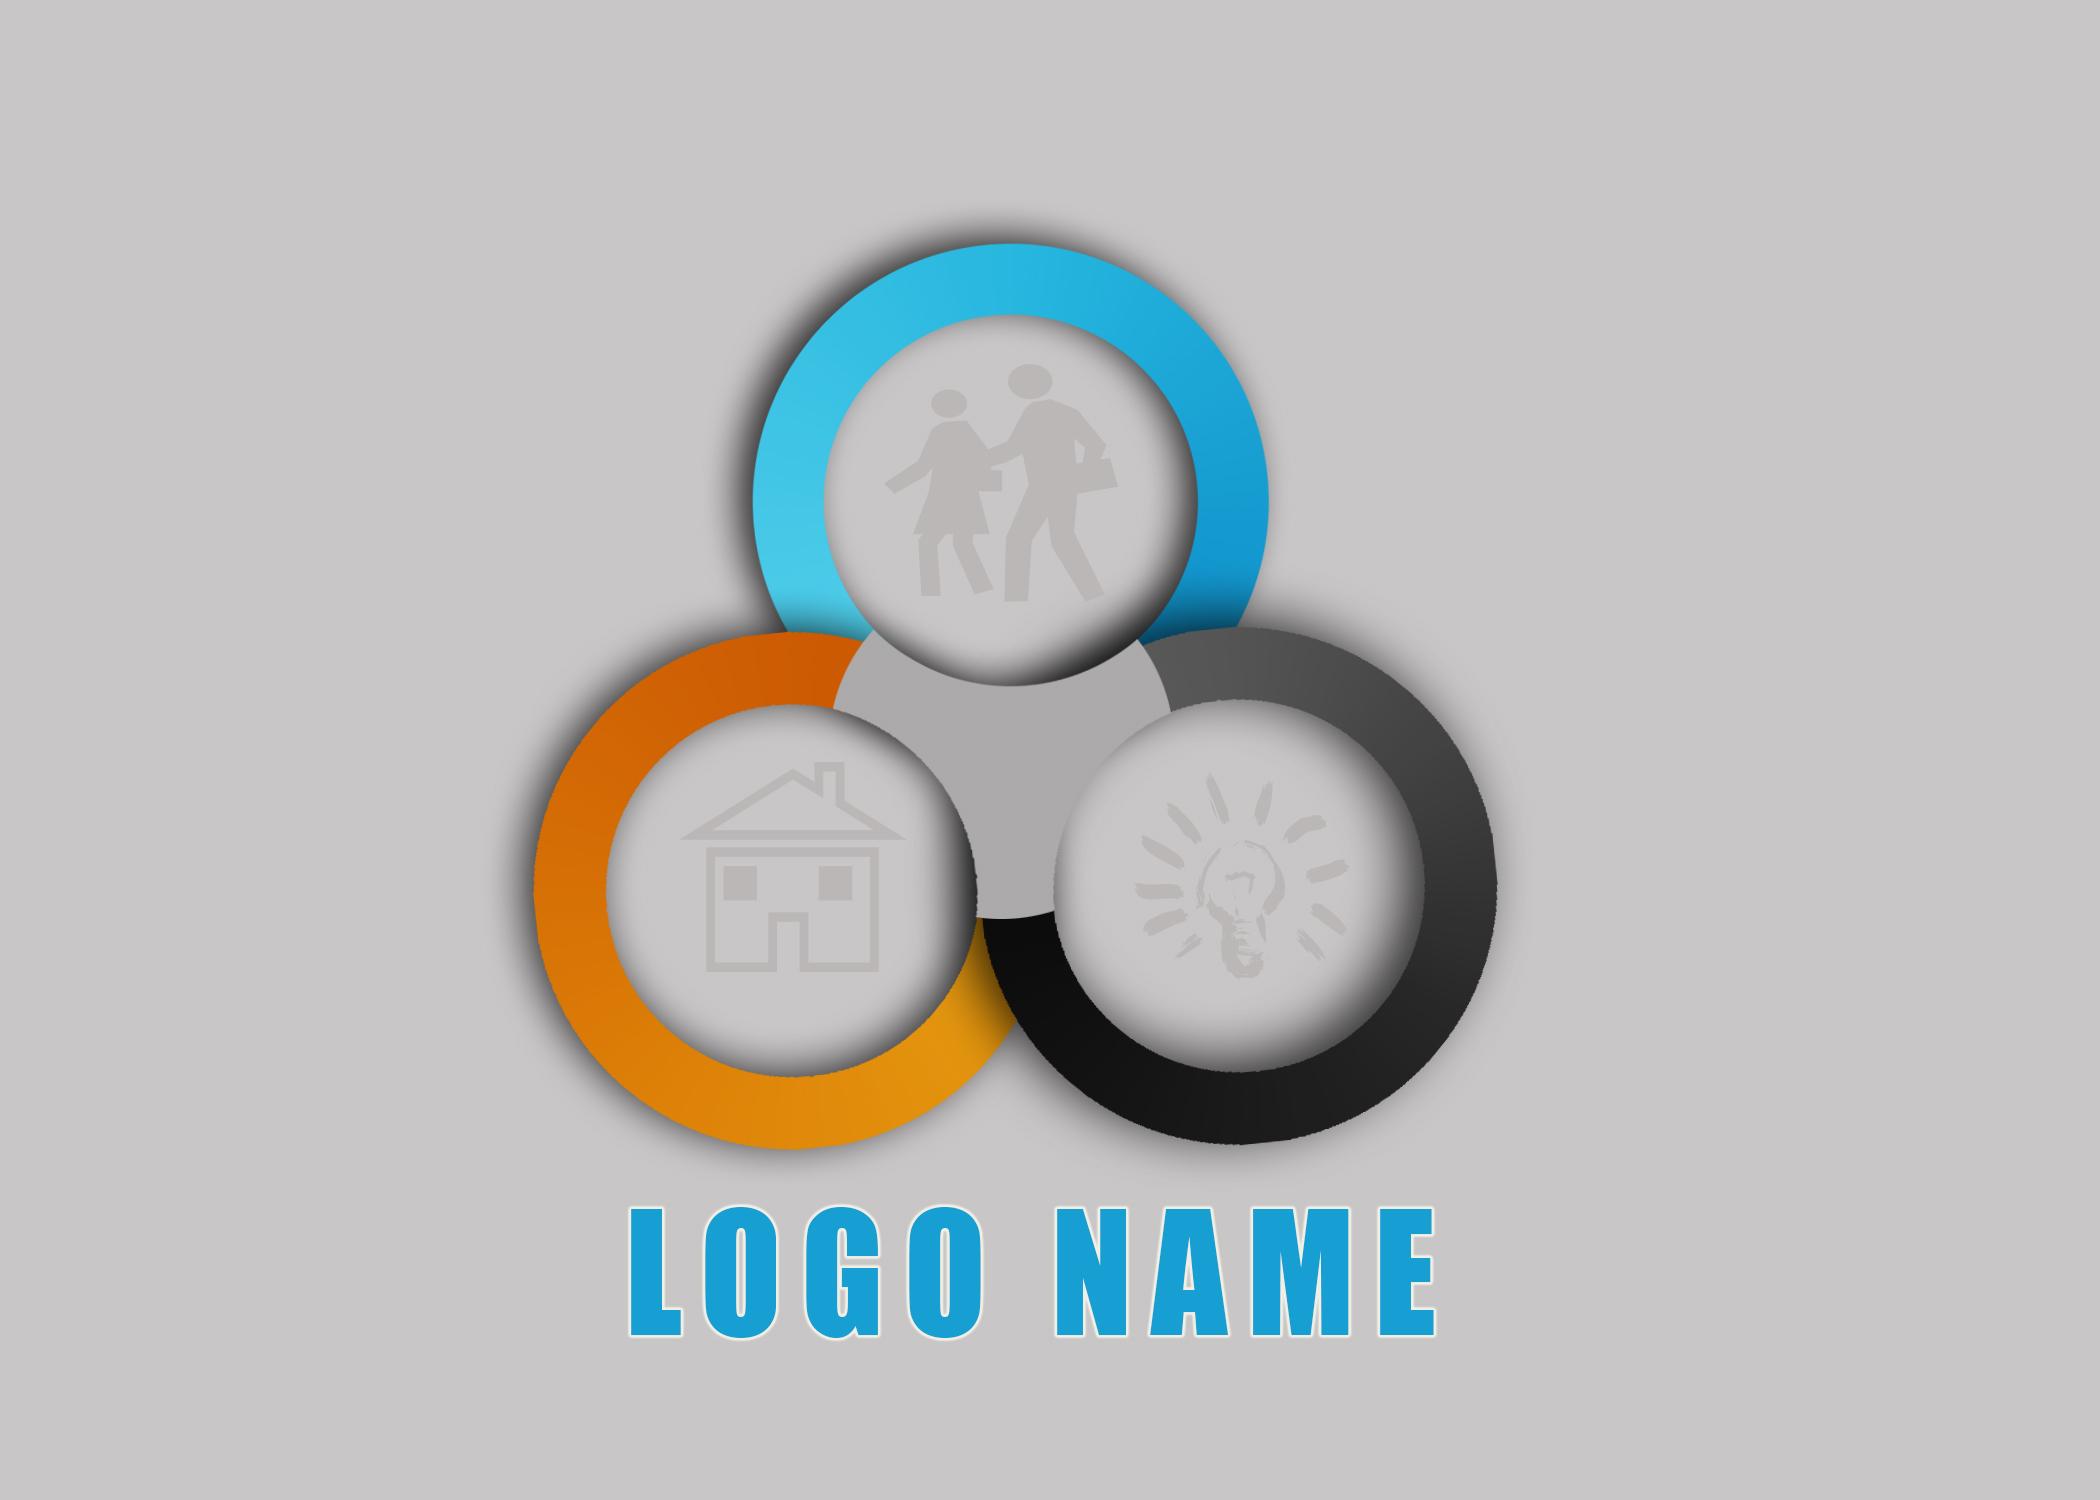 Logo designe for you